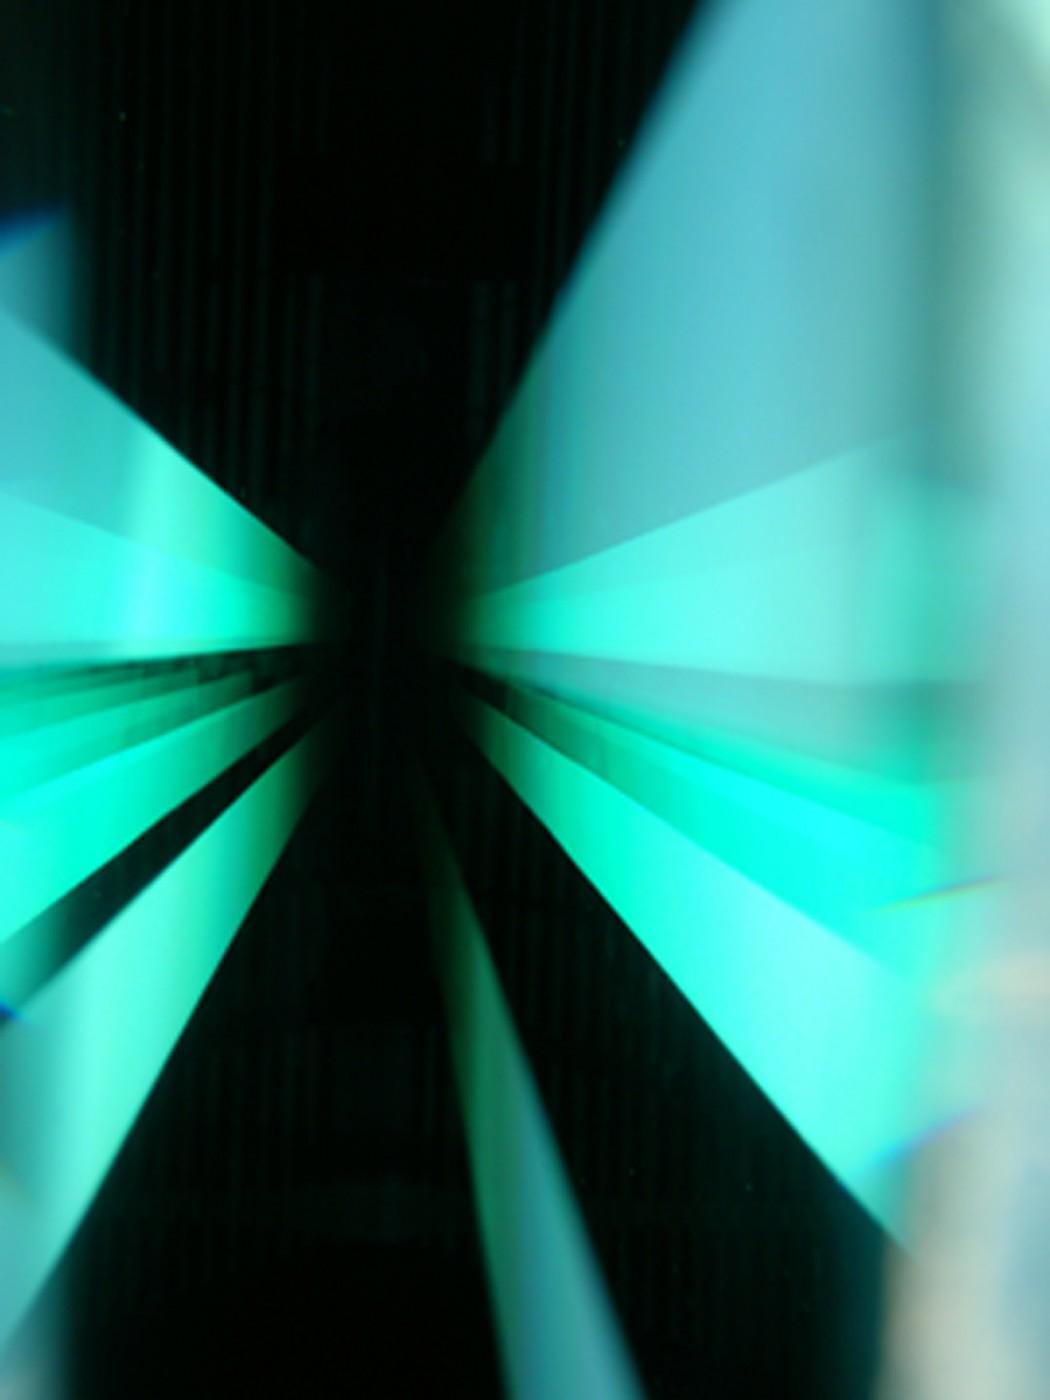 Oliver Pauk, </span><span><em>Dark Glass, 2008</em>, </span><span>Digital Print, 10x8